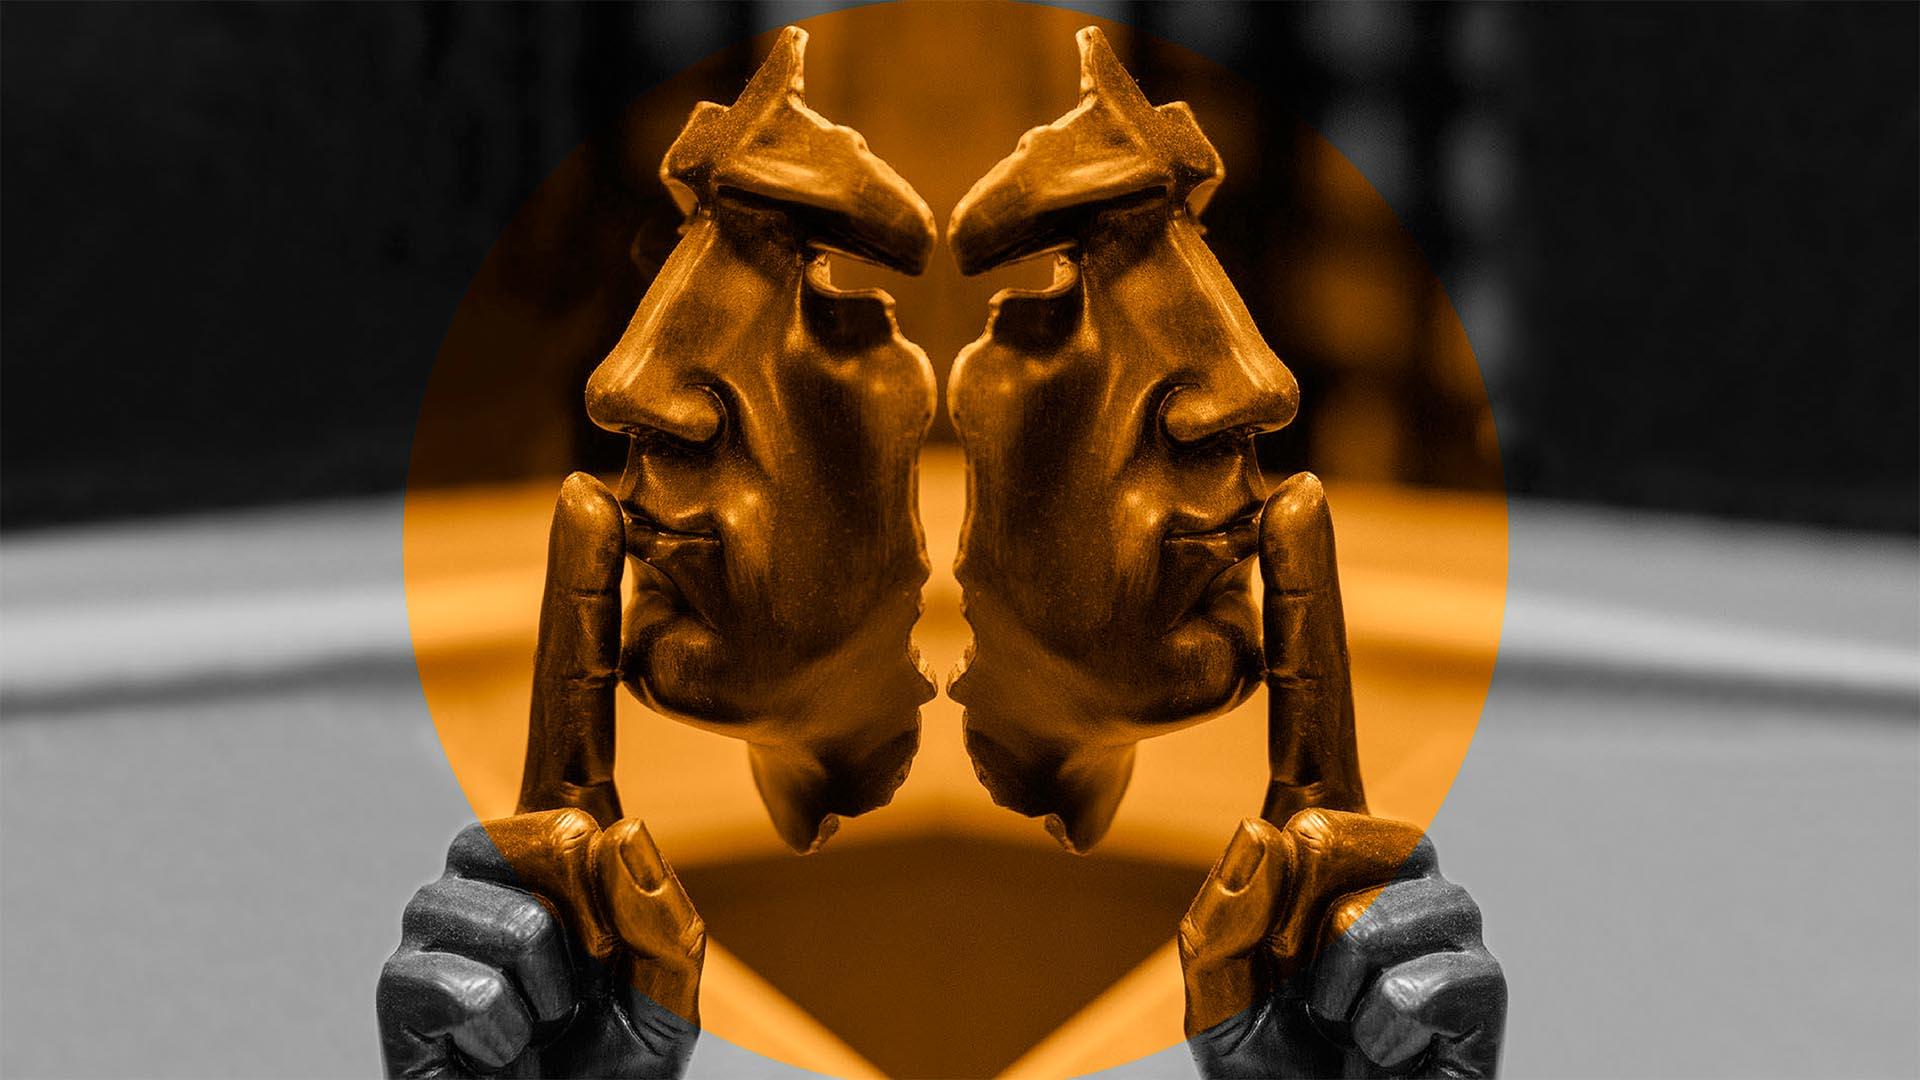 El contrapuesto silencio, mutis antagonista, por Armando Martini Pietri